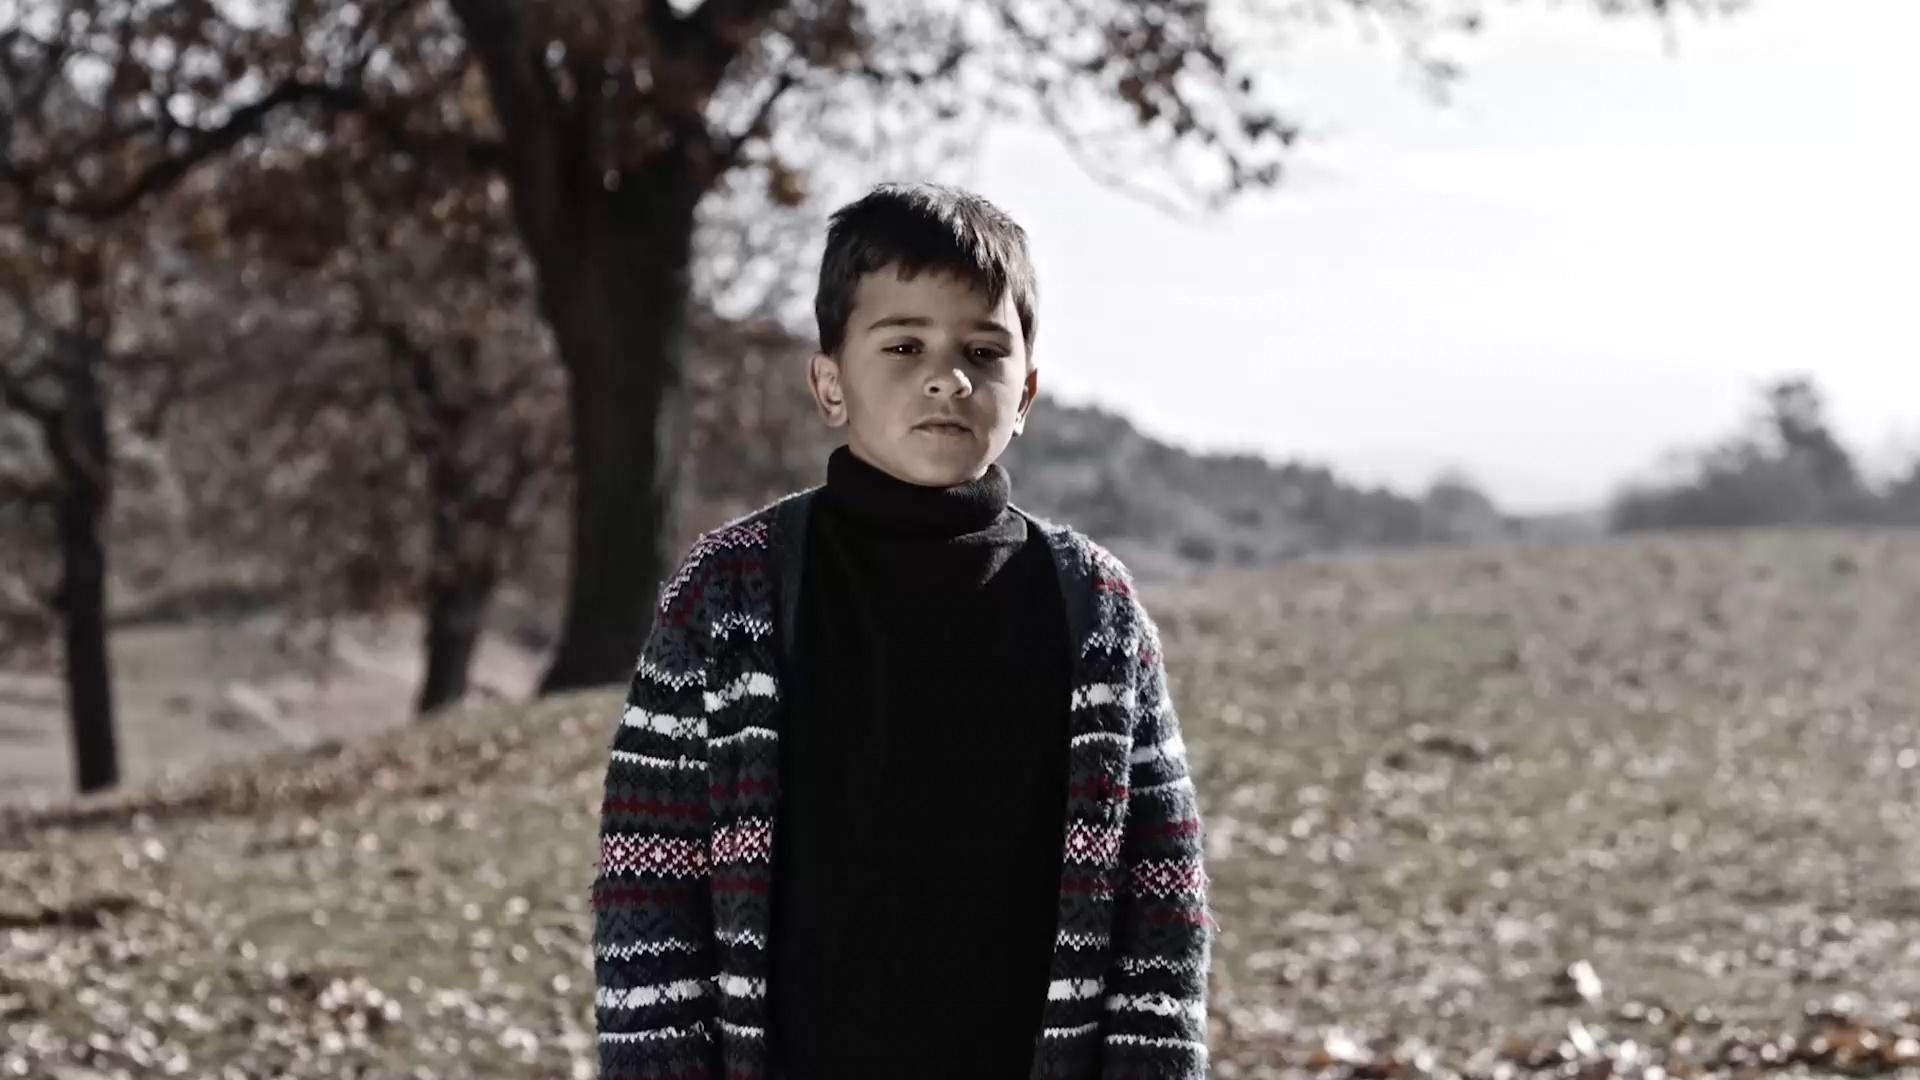 Yaralı Keklik | 2019 | Yerli Film | WEB-DL | XviD | Sansürsüz | m720p - m1080p | WEB-DL | Tek Link